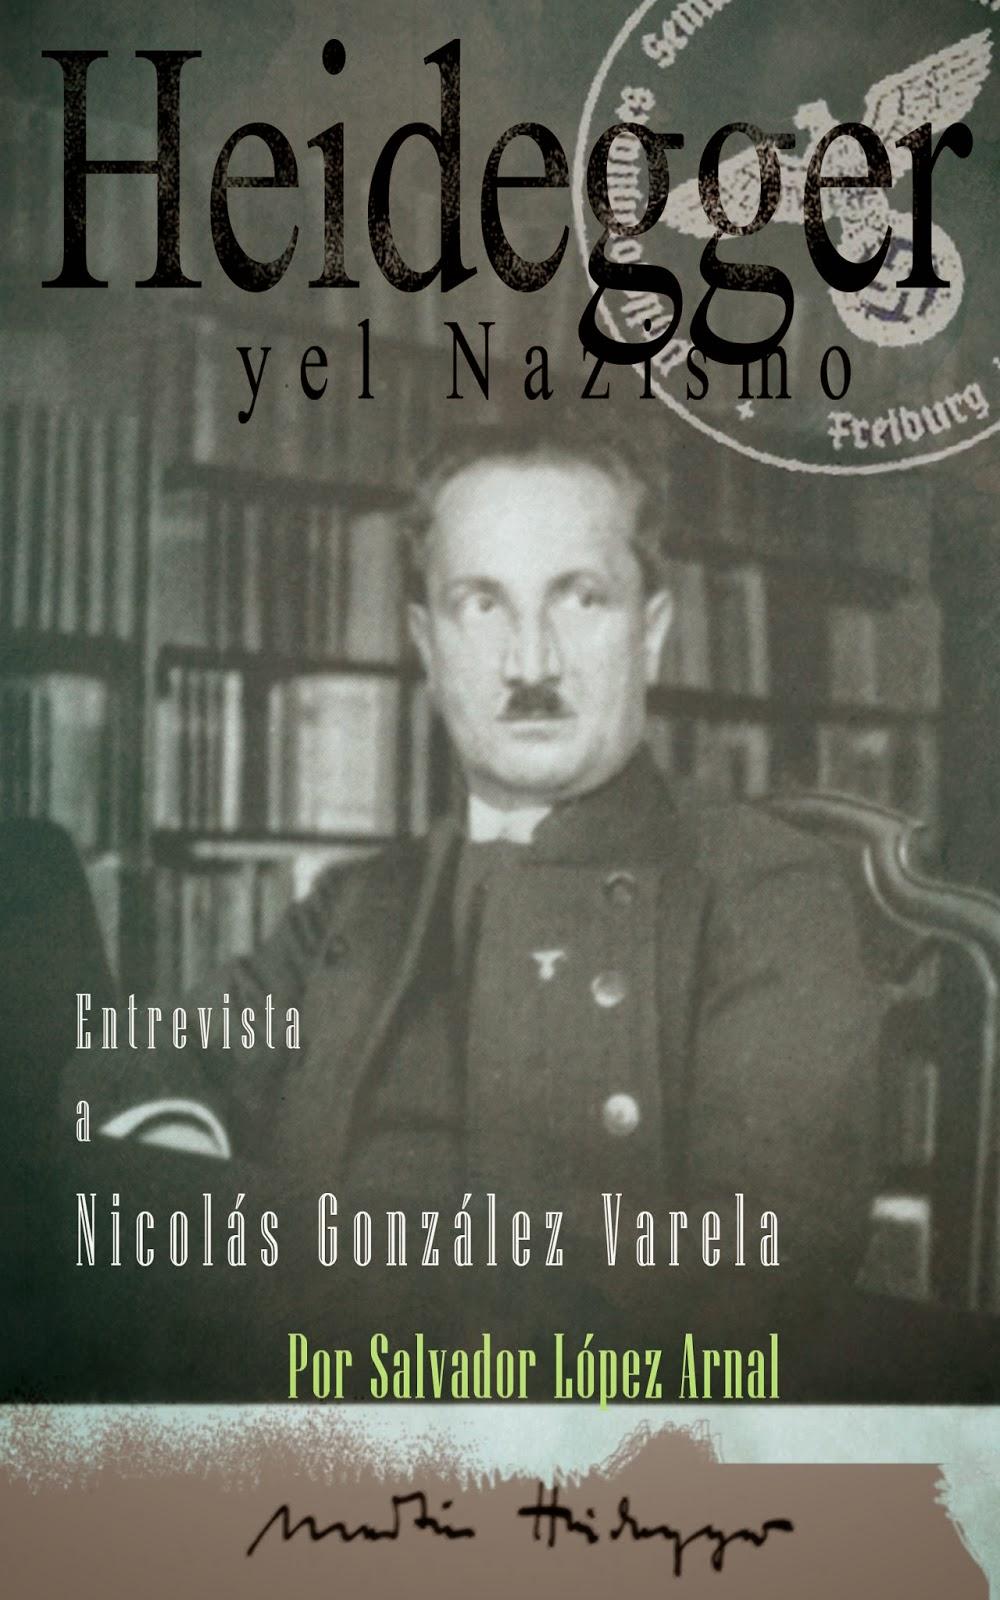 http://es.scribd.com/doc/206960982/Dossier-Heidegger-y-el-Nazismo-Entrevista-a-Nicolas-Gonzalez-Varela-por-Salvador-Lopez-Arnal-Febrero-2014